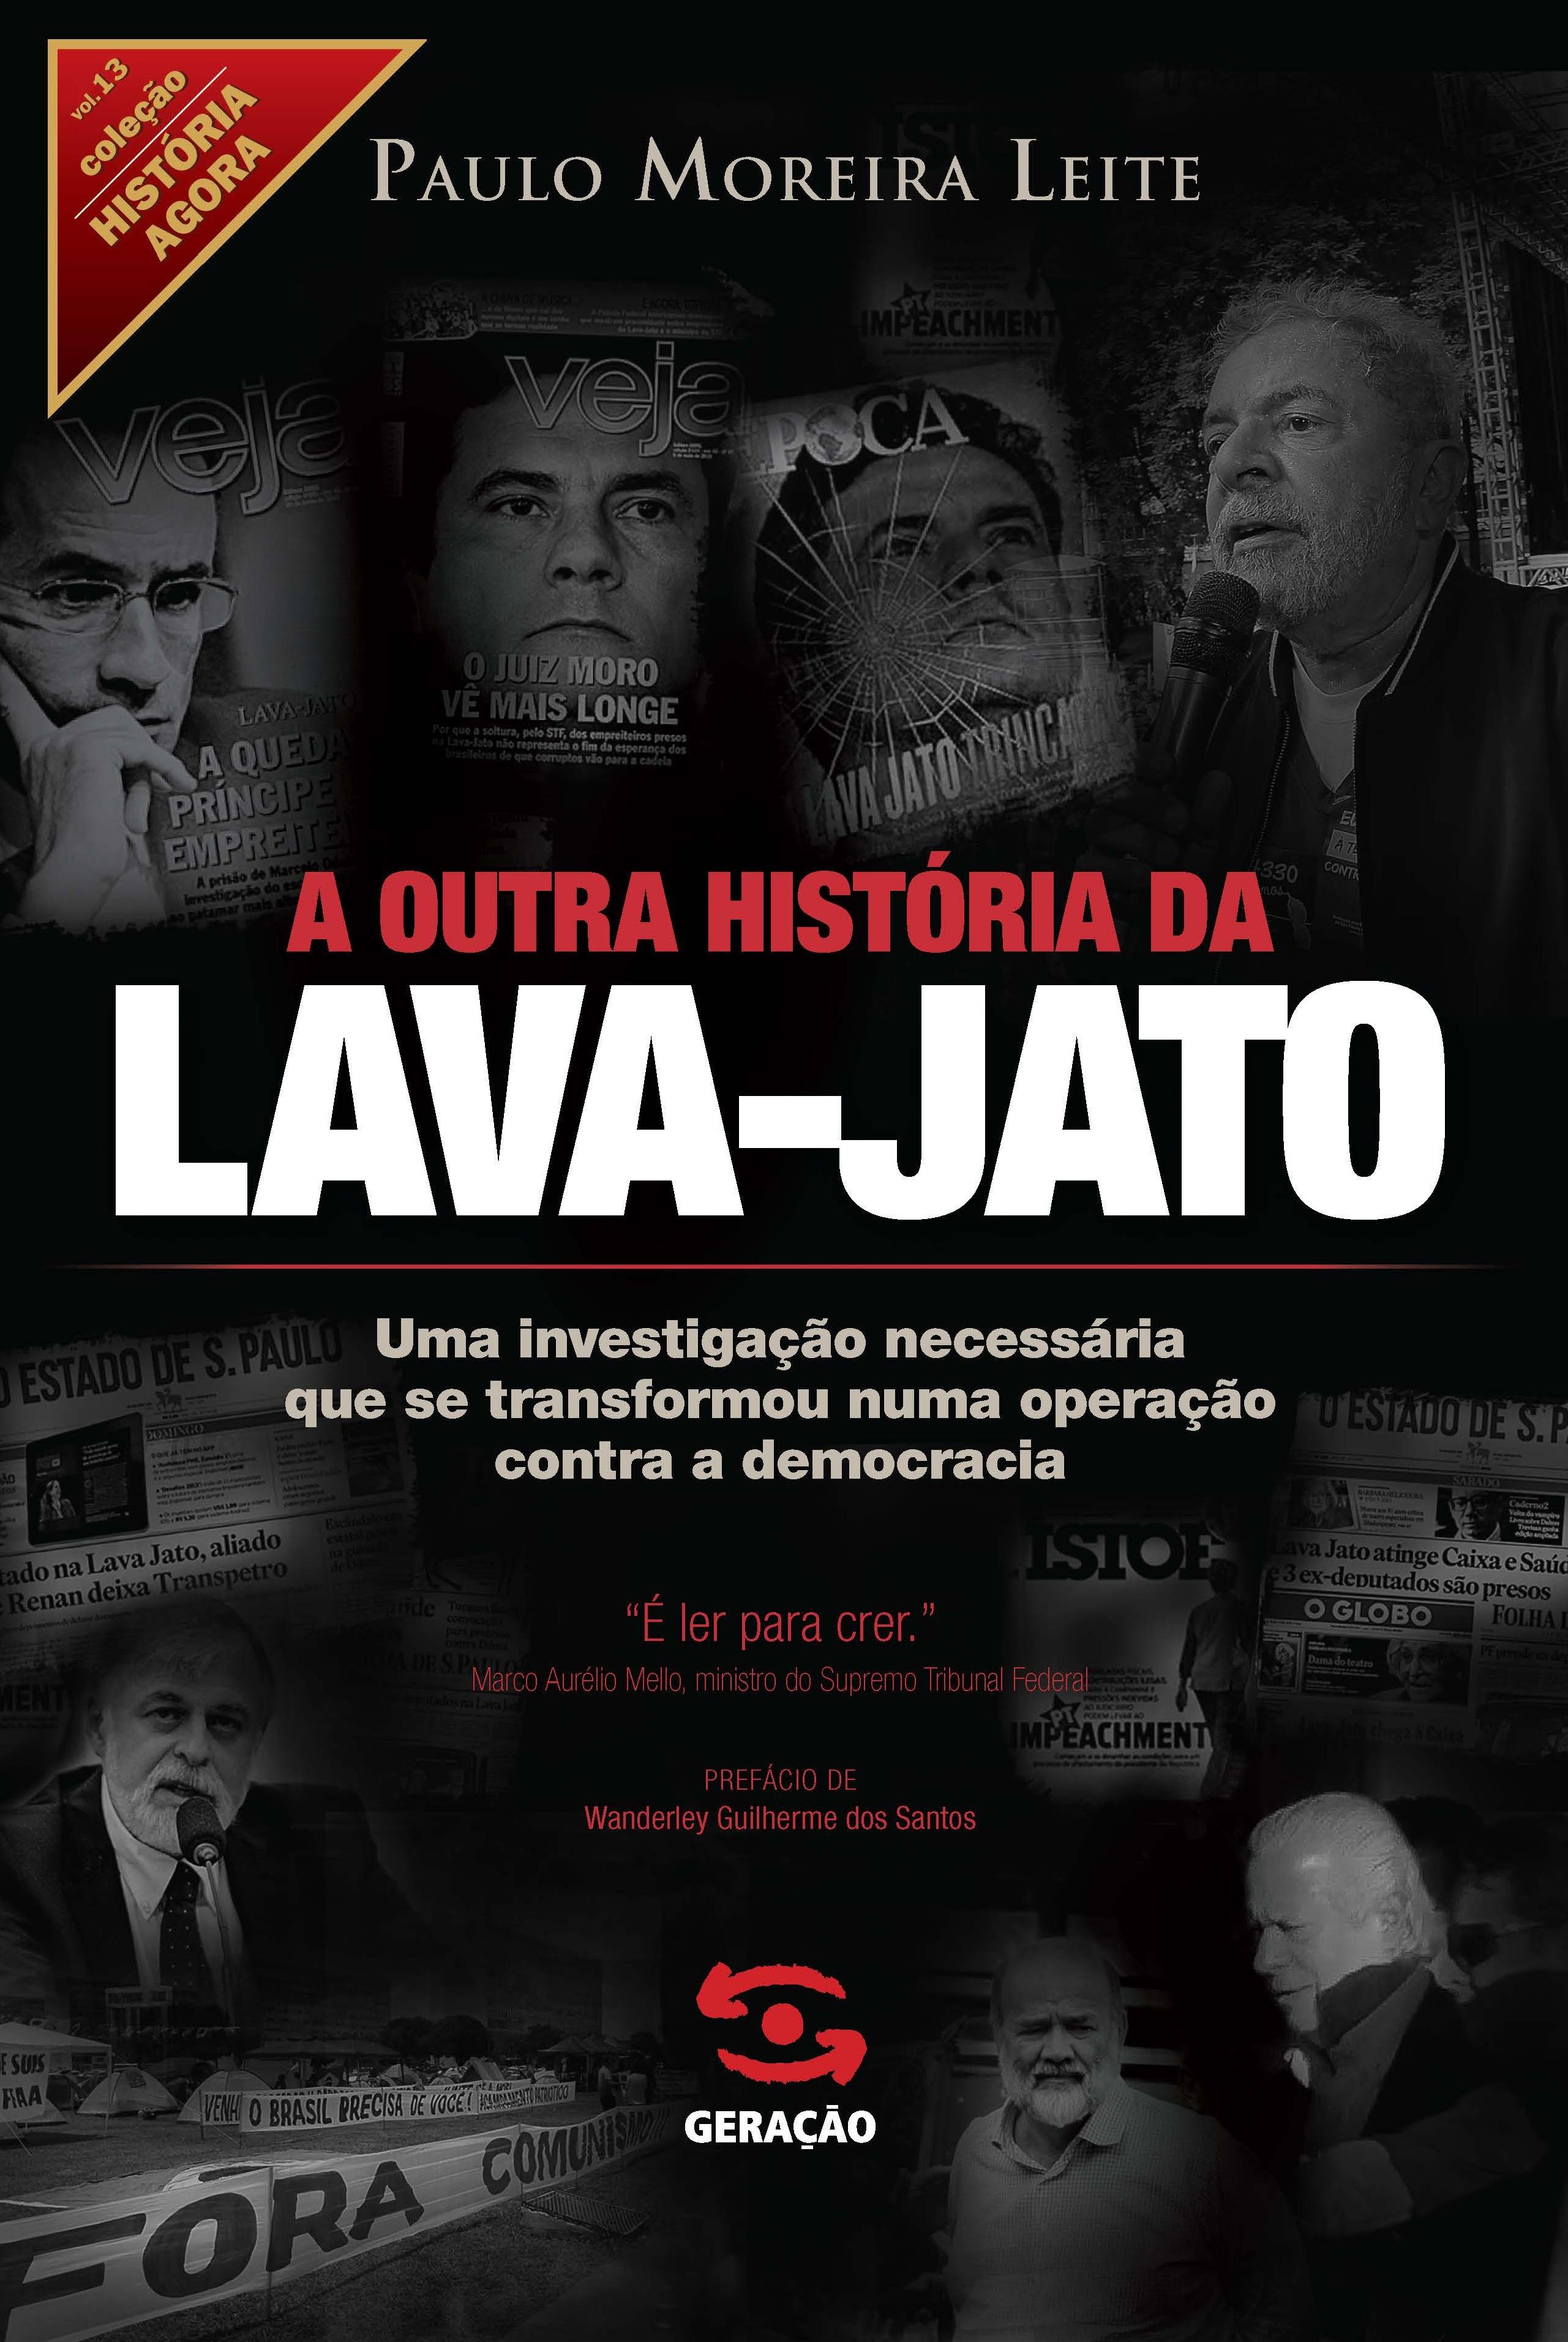 outra_historia_lava_jato